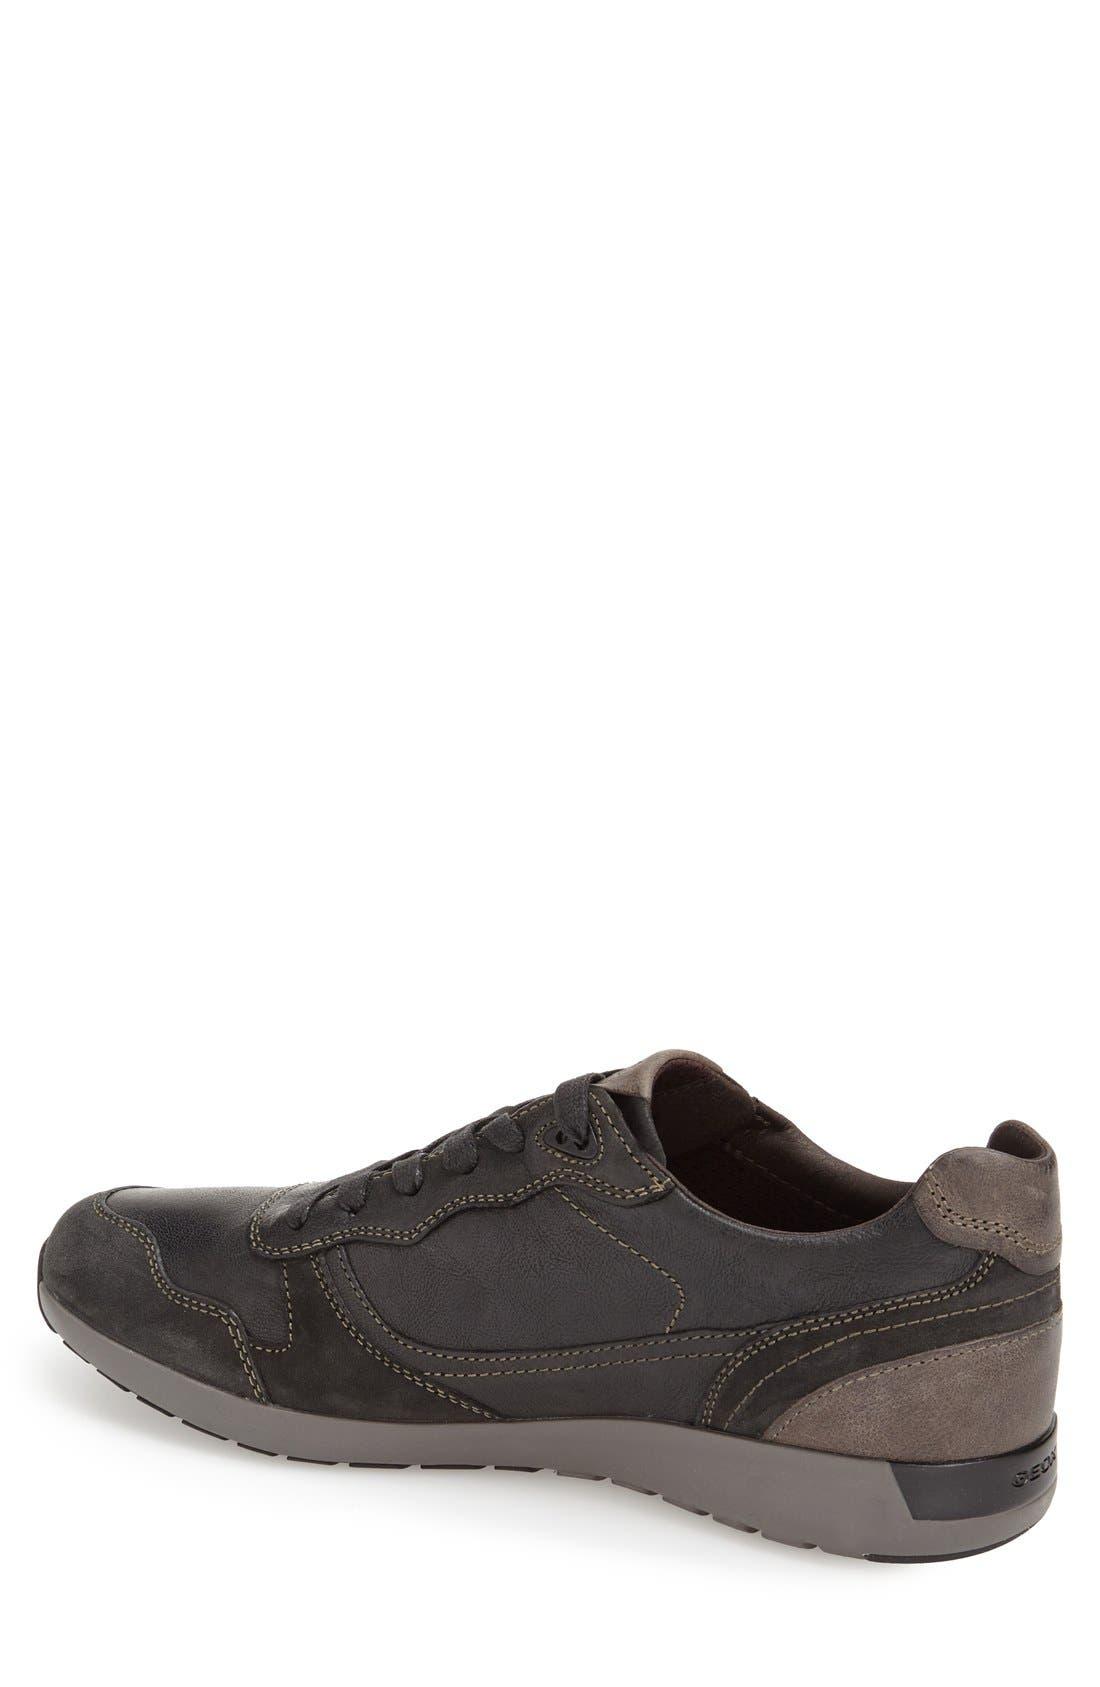 'Jepson' Sneaker,                             Alternate thumbnail 3, color,                             001